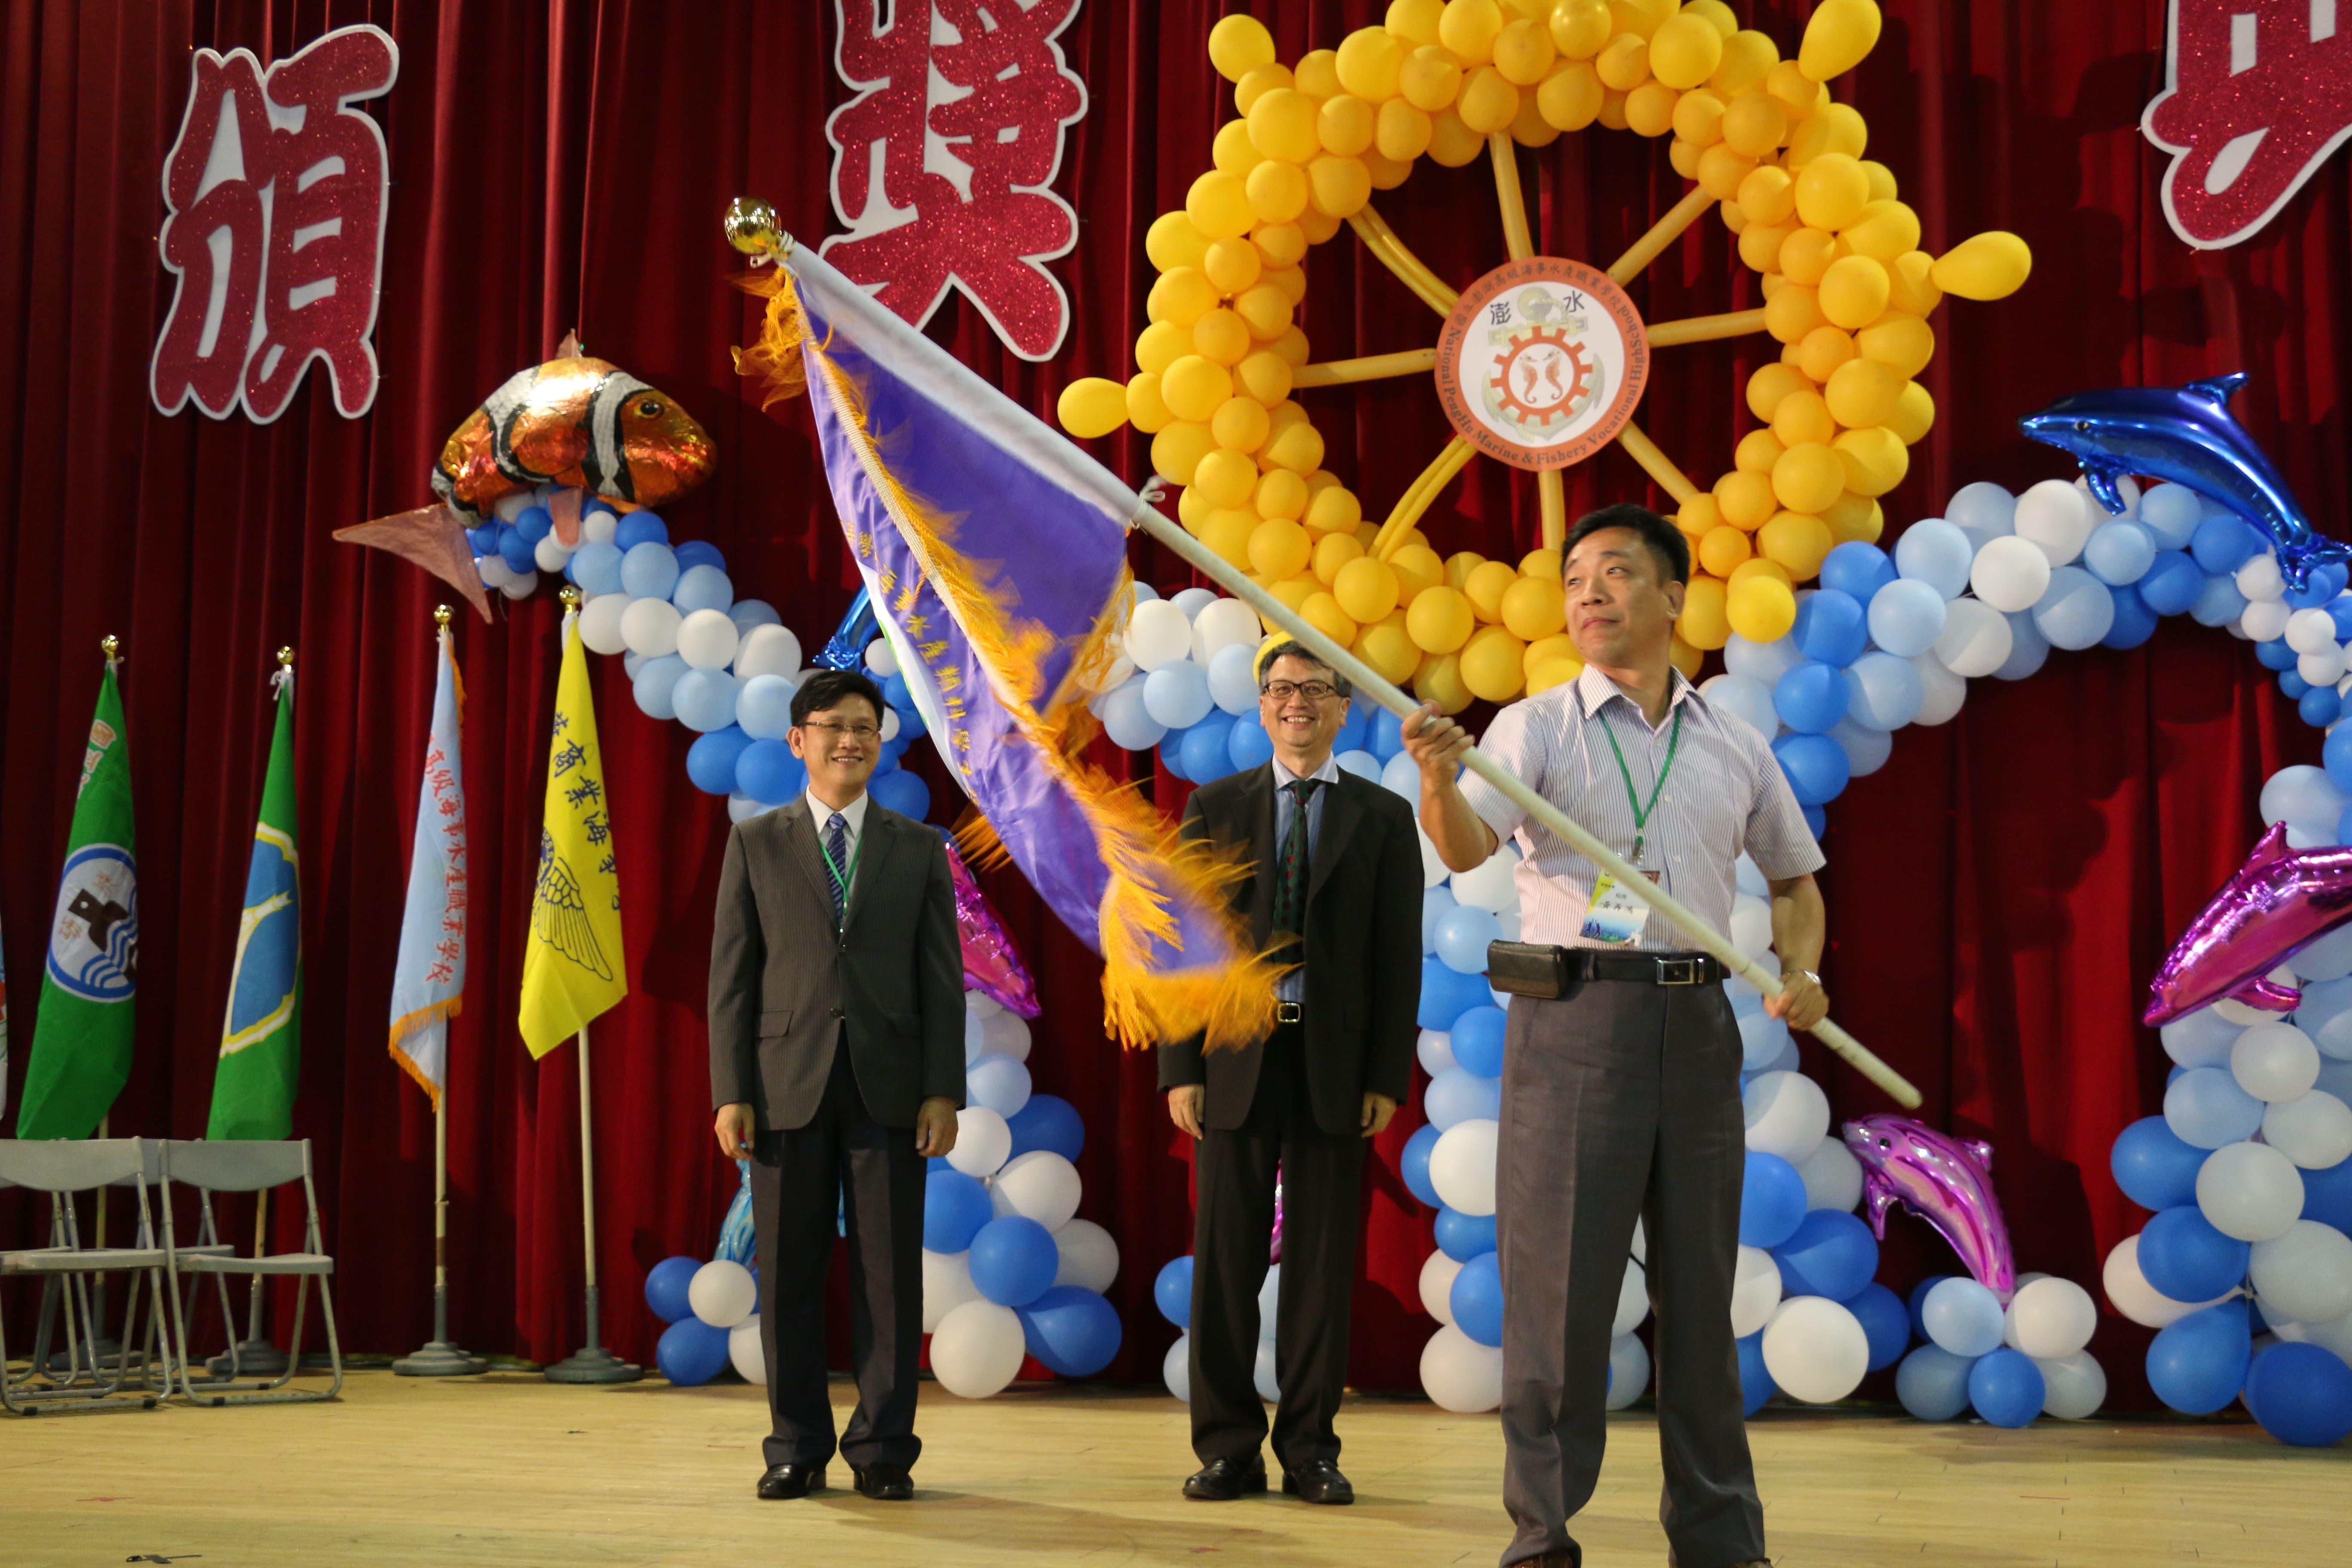 105海事水產類技藝競賽成果出爐 長榮海運副理:競賽精神是職場獲勝關鍵